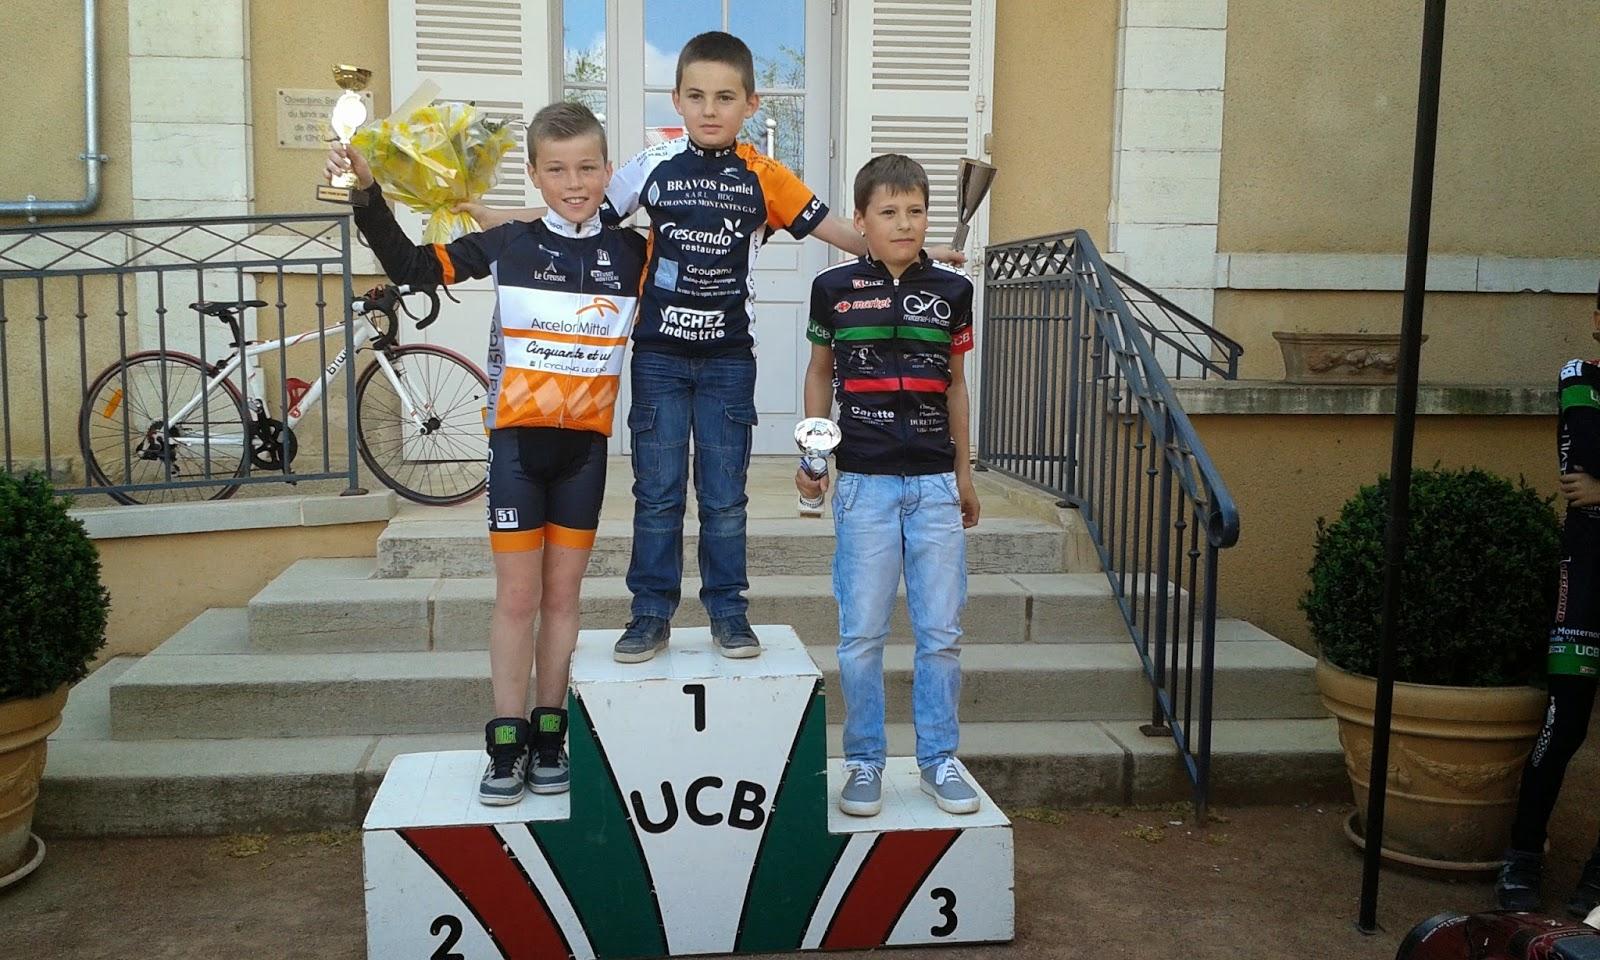 Union cycliste bellevilloise ucb prix de fleurie for Garage peugeot paris nice belleville